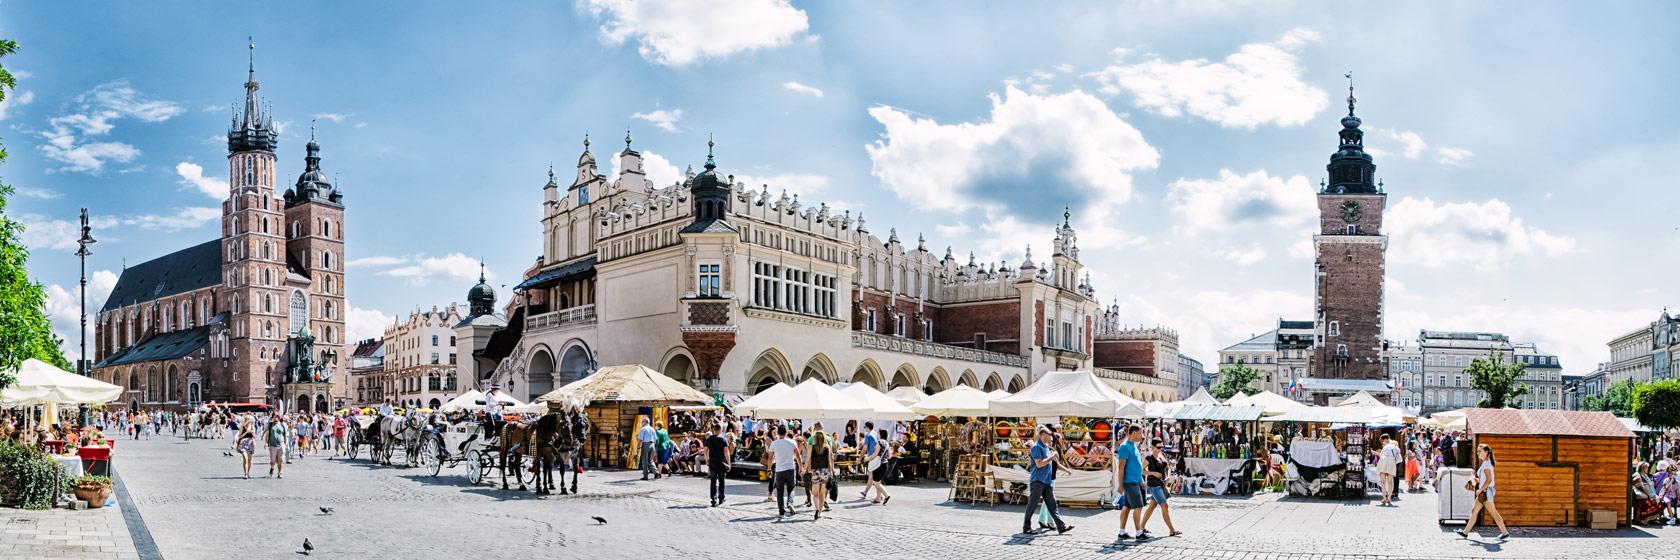 Polen-Krakow